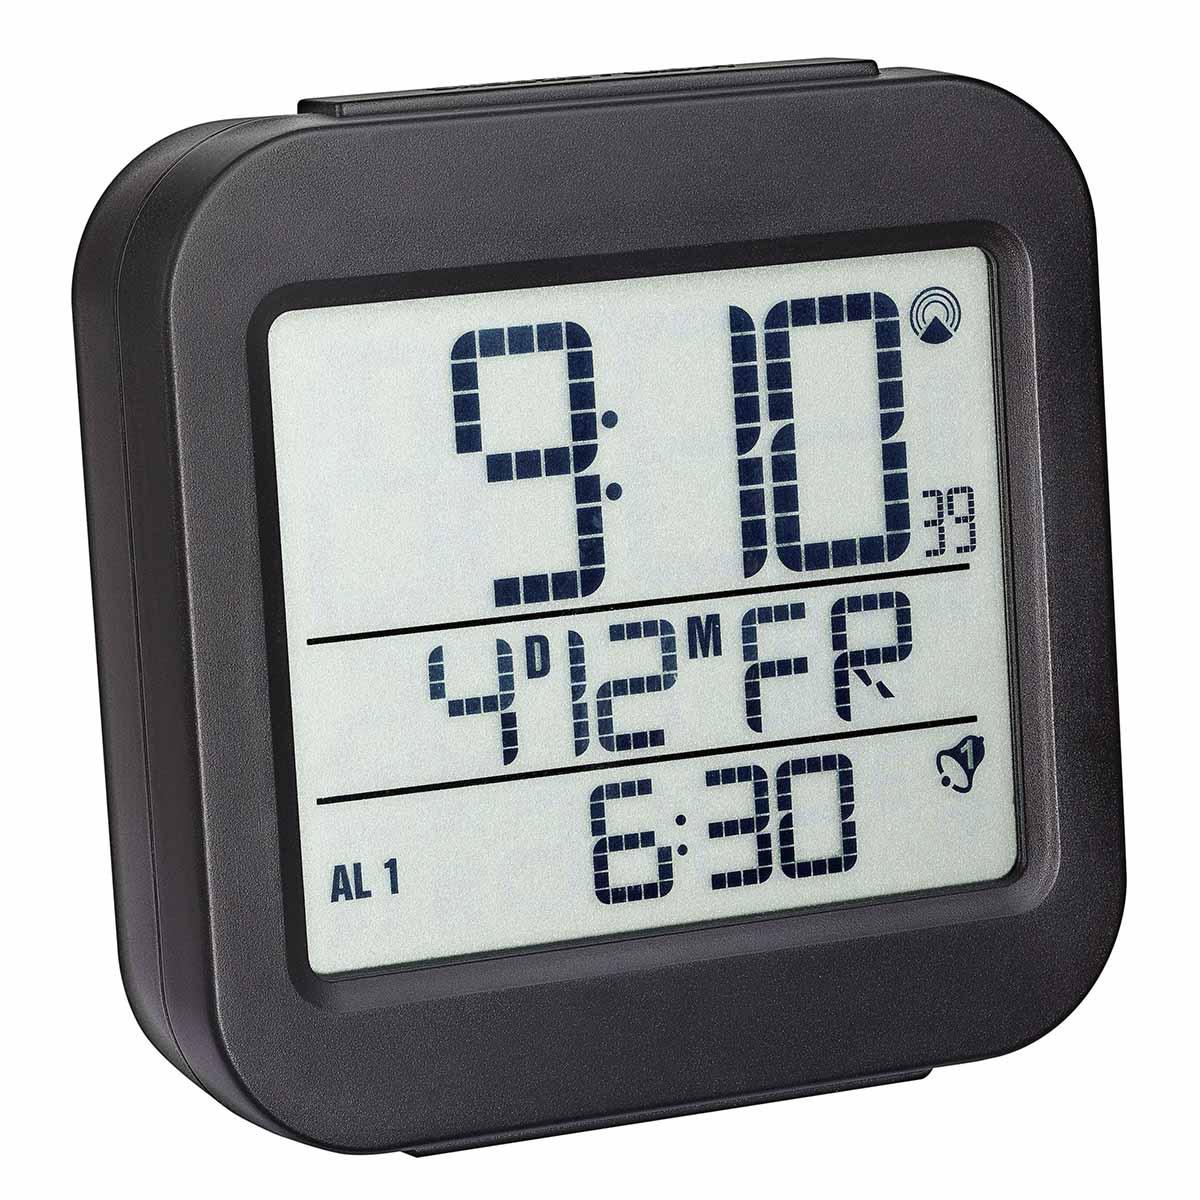 60-2533-01-digitaler-funk-wecker-mit-temperatur-1200x1200px.jpg